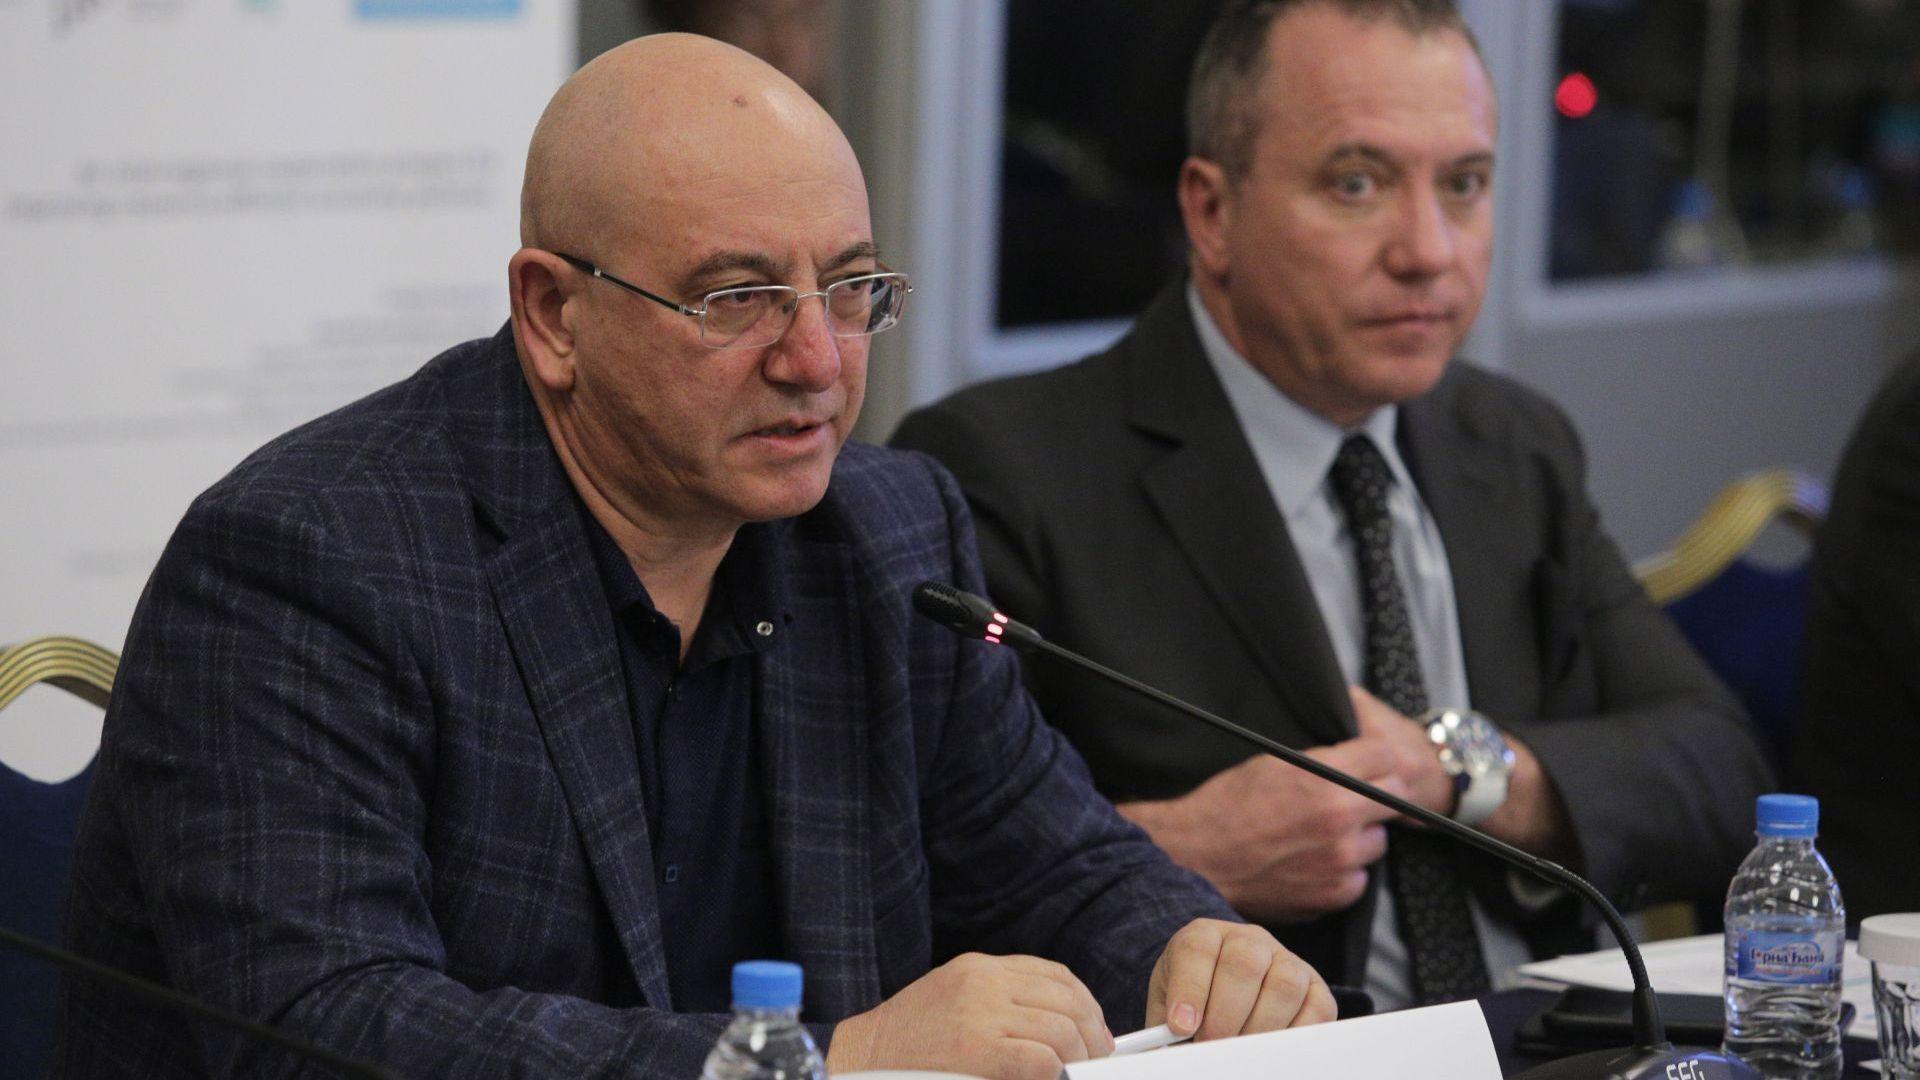 Емил Димитров за новия зам.-екоминистър: Тя помогна за спирането на ТЕЦ-ове и ВЕЦ-ове